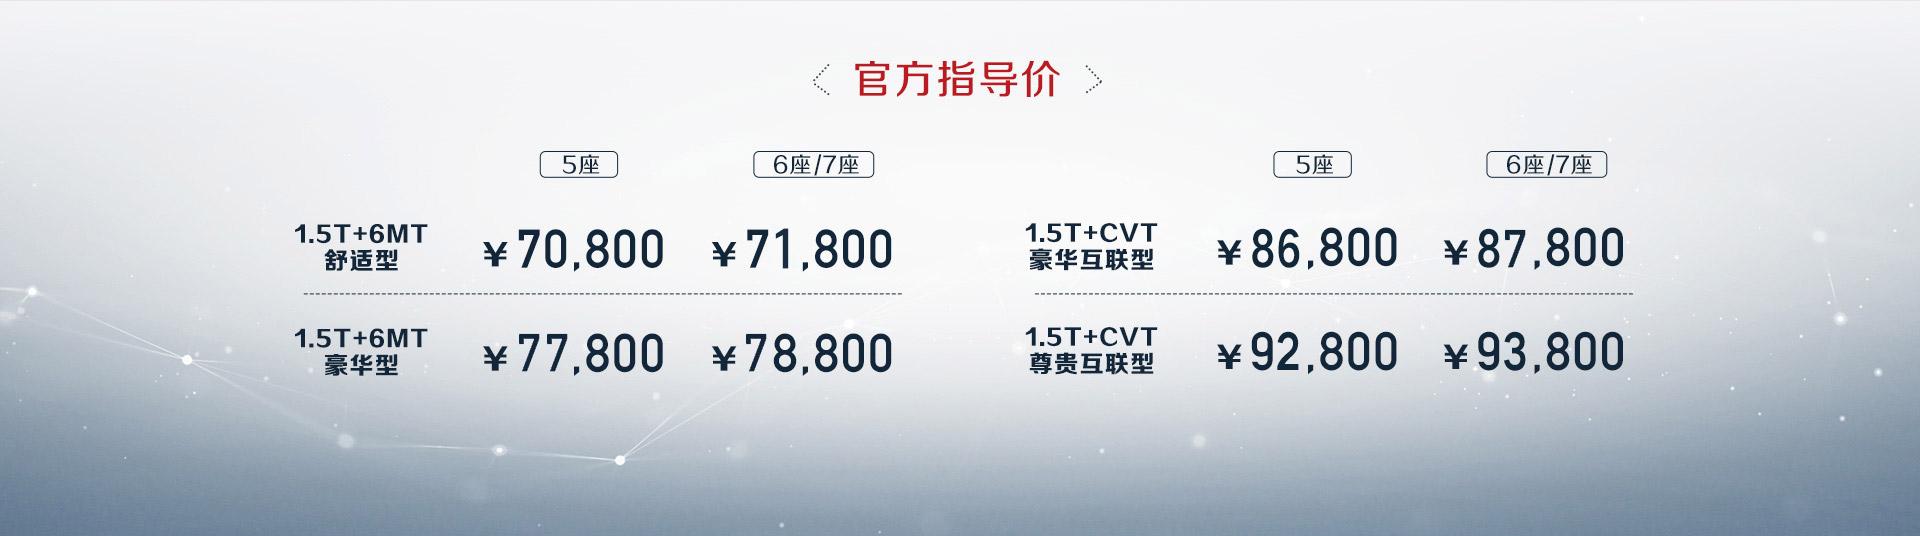 寶駿530,2020款,報價,價格是多少,手動擋,自(zi)動擋